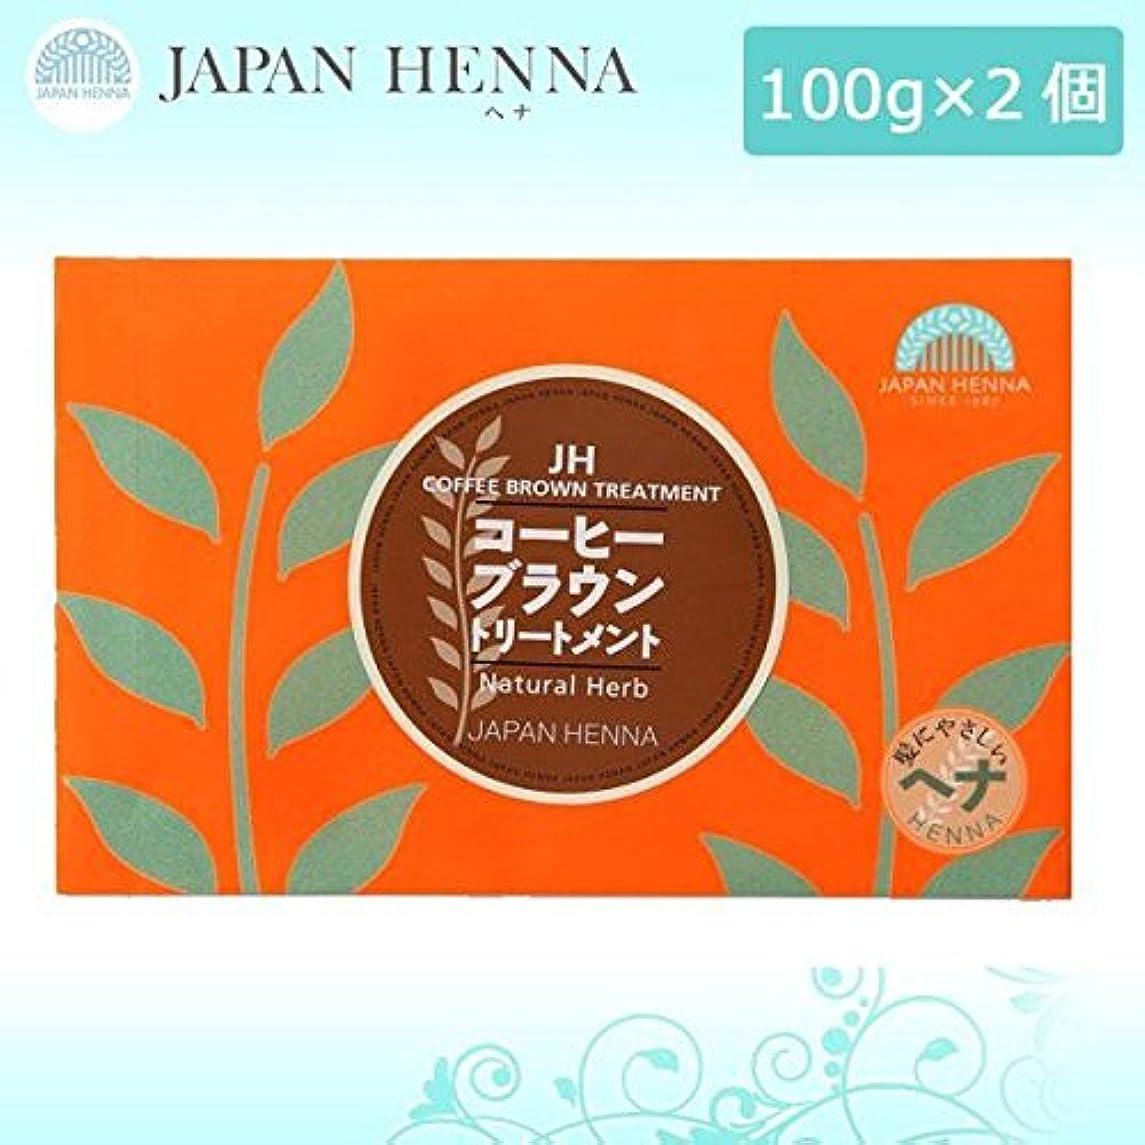 ほんのジェスチャー援助するジャパンヘナ ヘナカラートリートメント コーヒーブラウン B-11 100g×2個セット